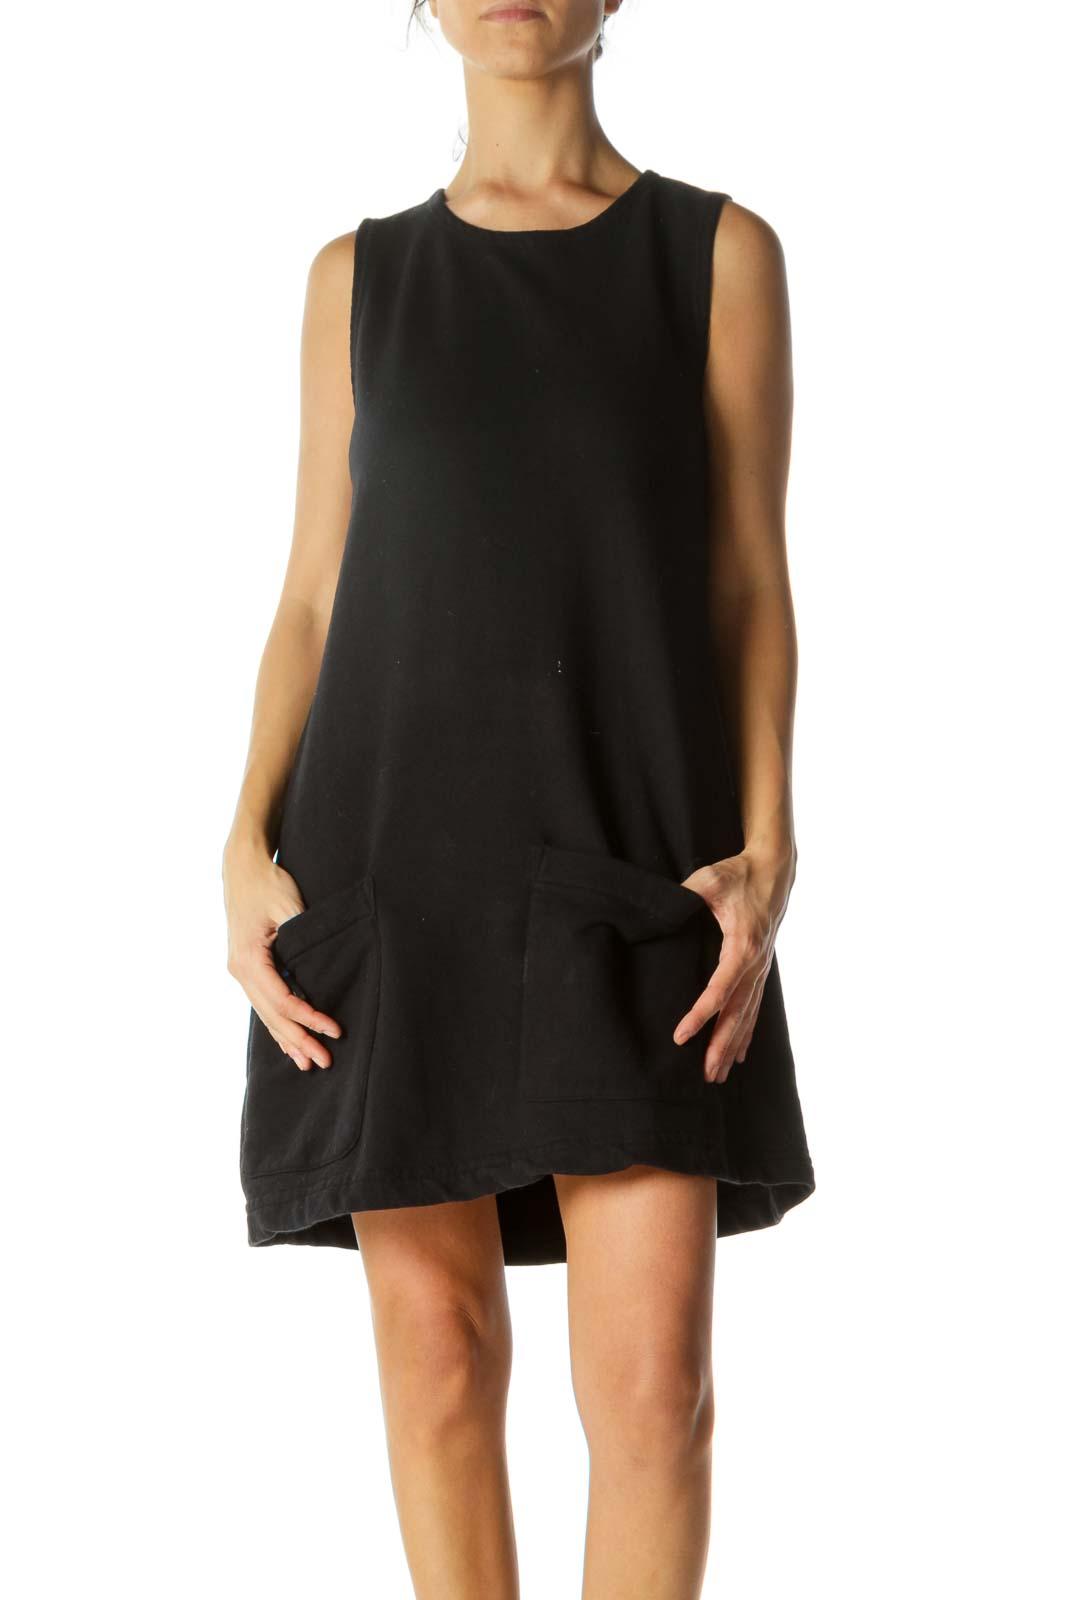 Black Cotton Pocketed Slim Dress Front